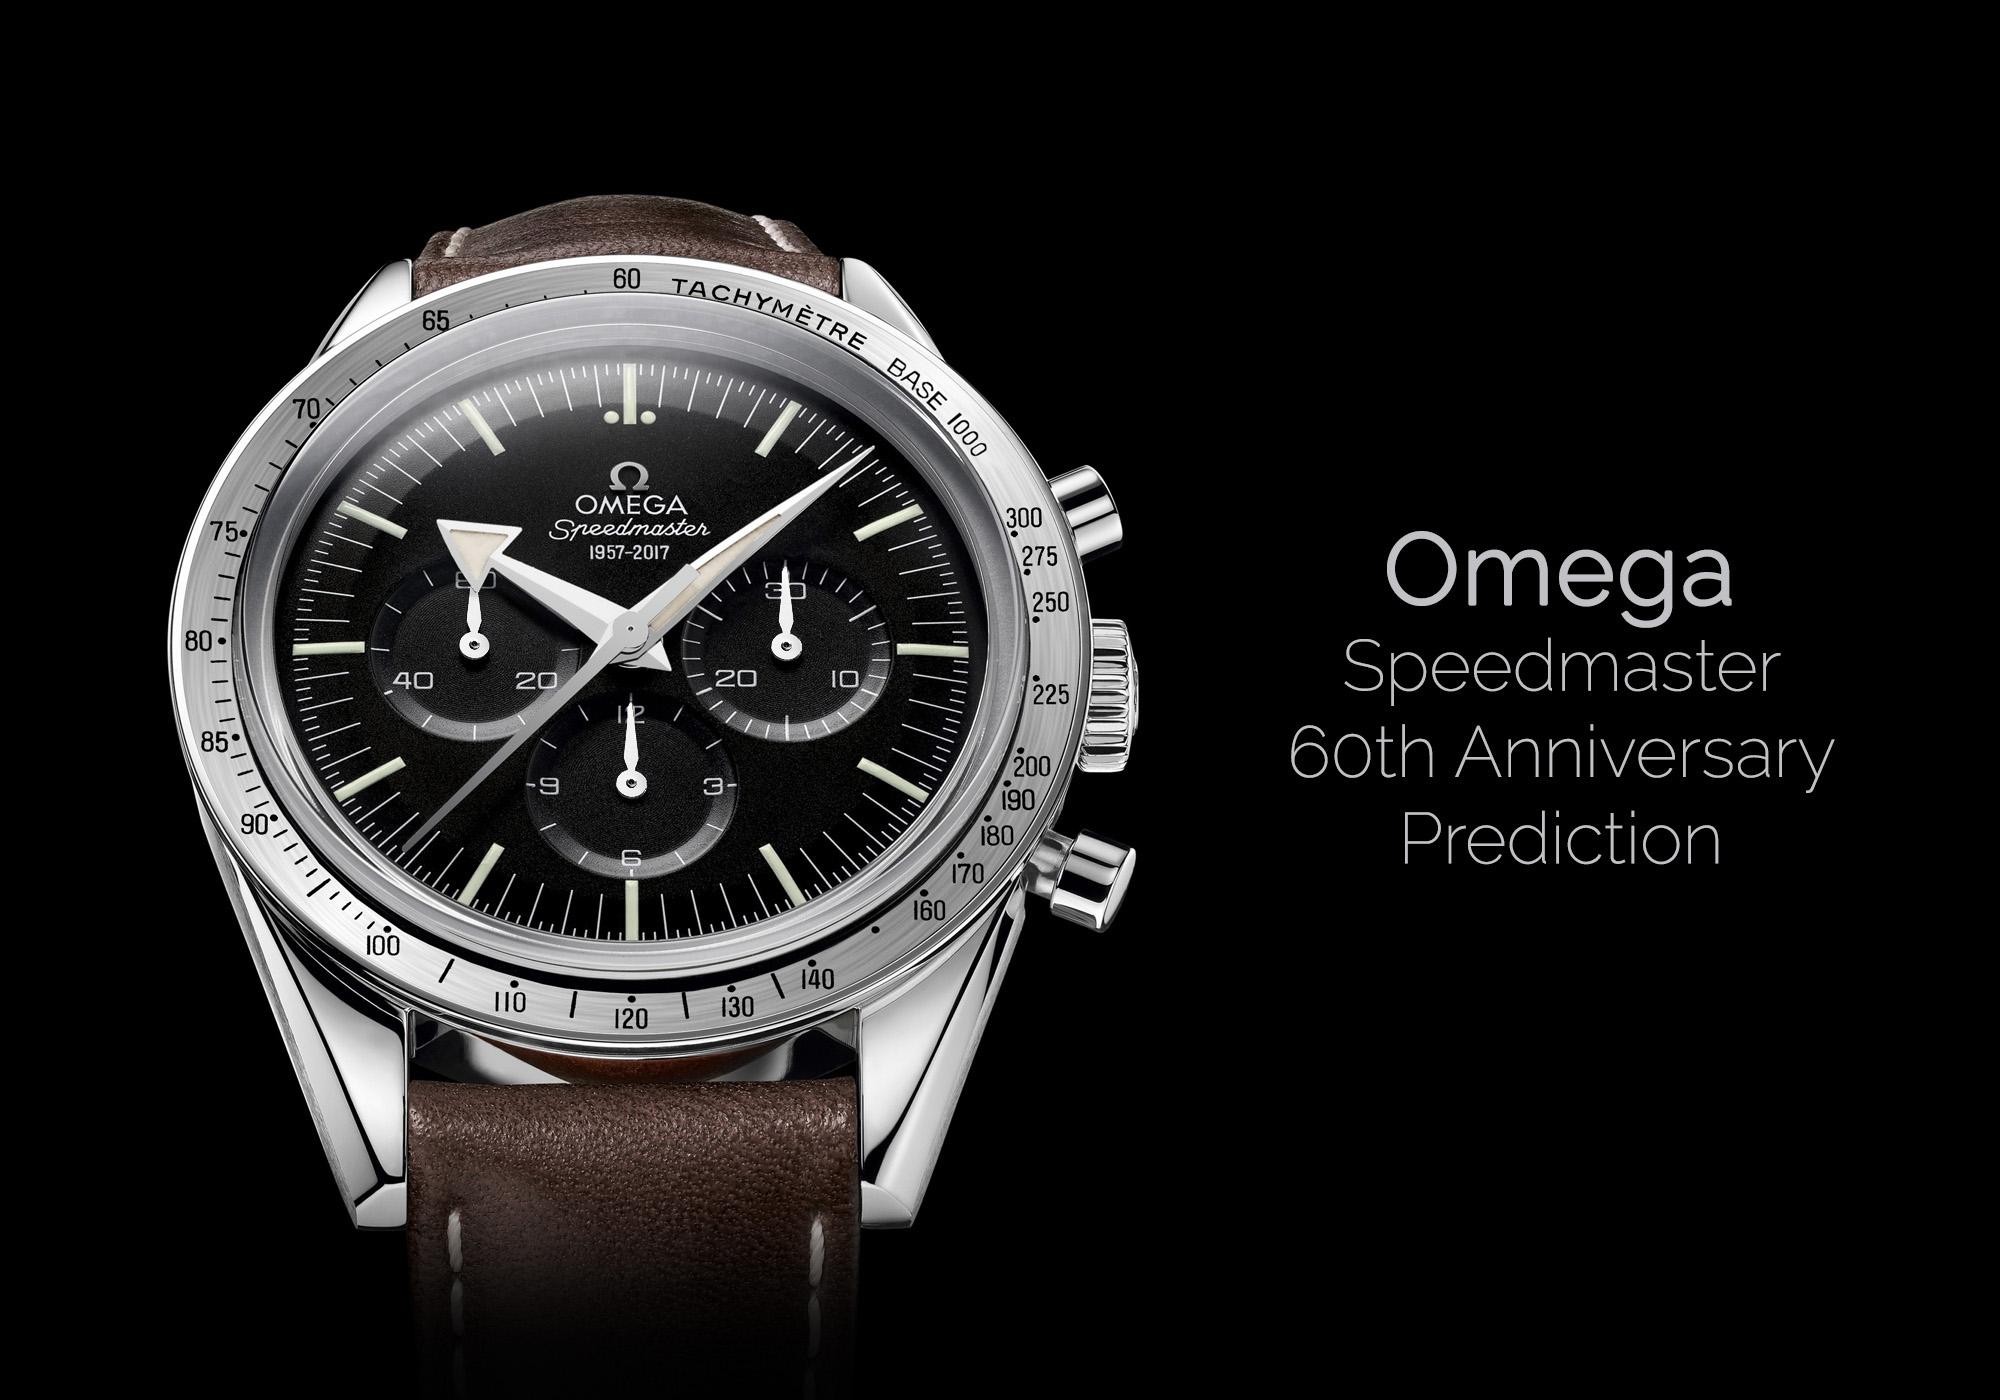 magasin en ligne 1d05a 44f61 Omega Baselworld 2017 - Prediction for the Speedmaster 60th ...